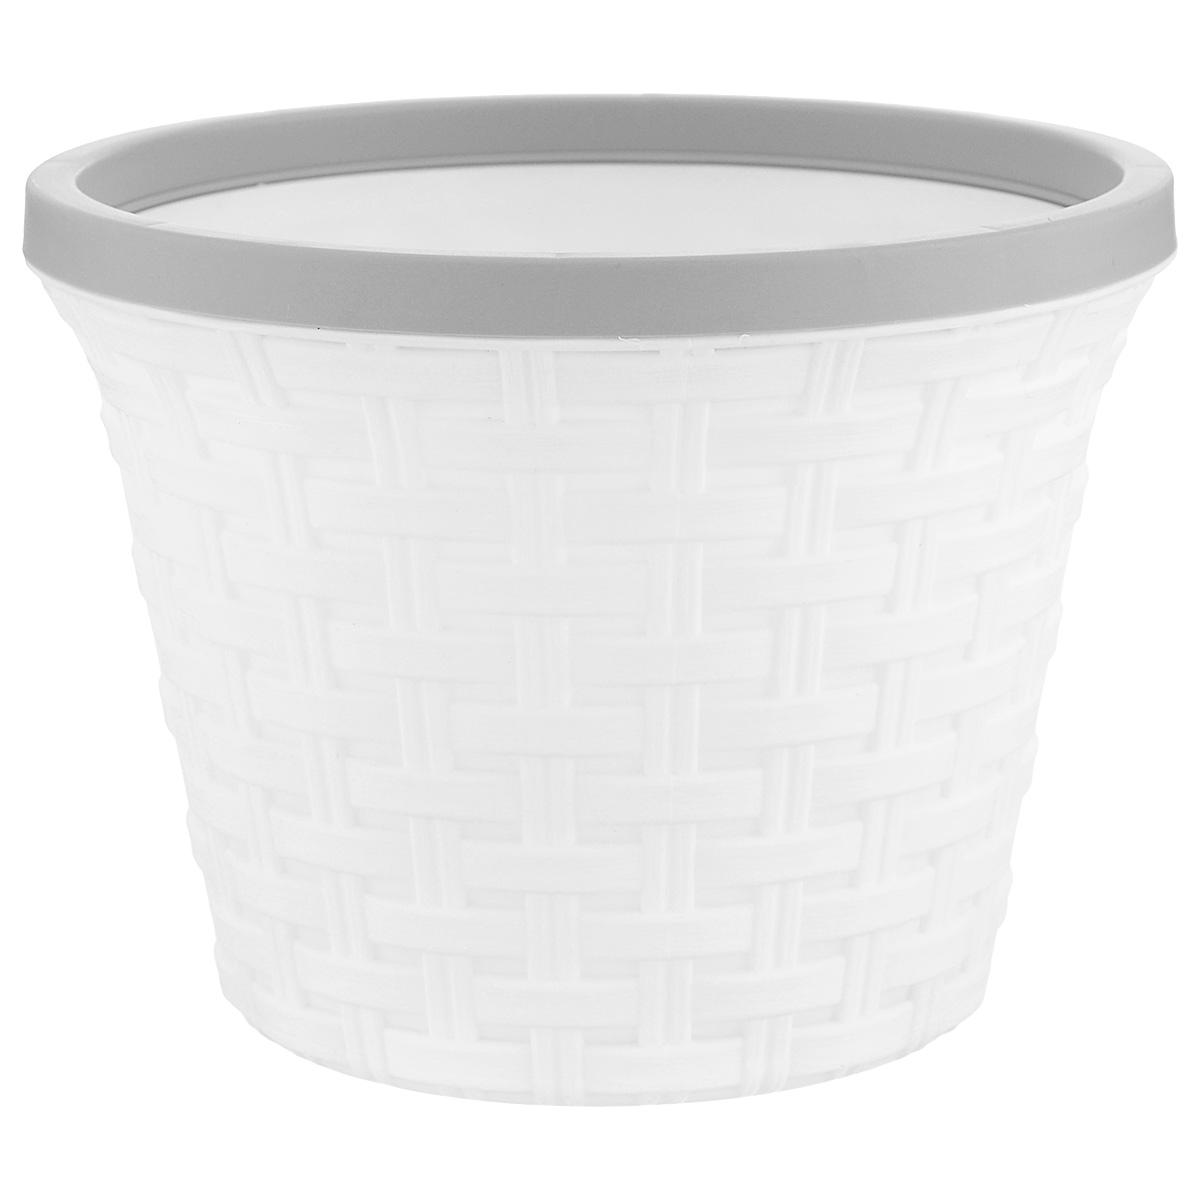 Кашпо Violet Ротанг, с дренажной системой, цвет: белый, 2,2 лZ-0307Кашпо Violet Ротанг изготовлено из высококачественного пластика и оснащено дренажной системой для быстрого отведения избытка воды при поливе. Изделие прекрасно подходит для выращивания растений и цветов в домашних условиях. Лаконичный дизайн впишется в интерьер любого помещения.Объем: 2,2 л.